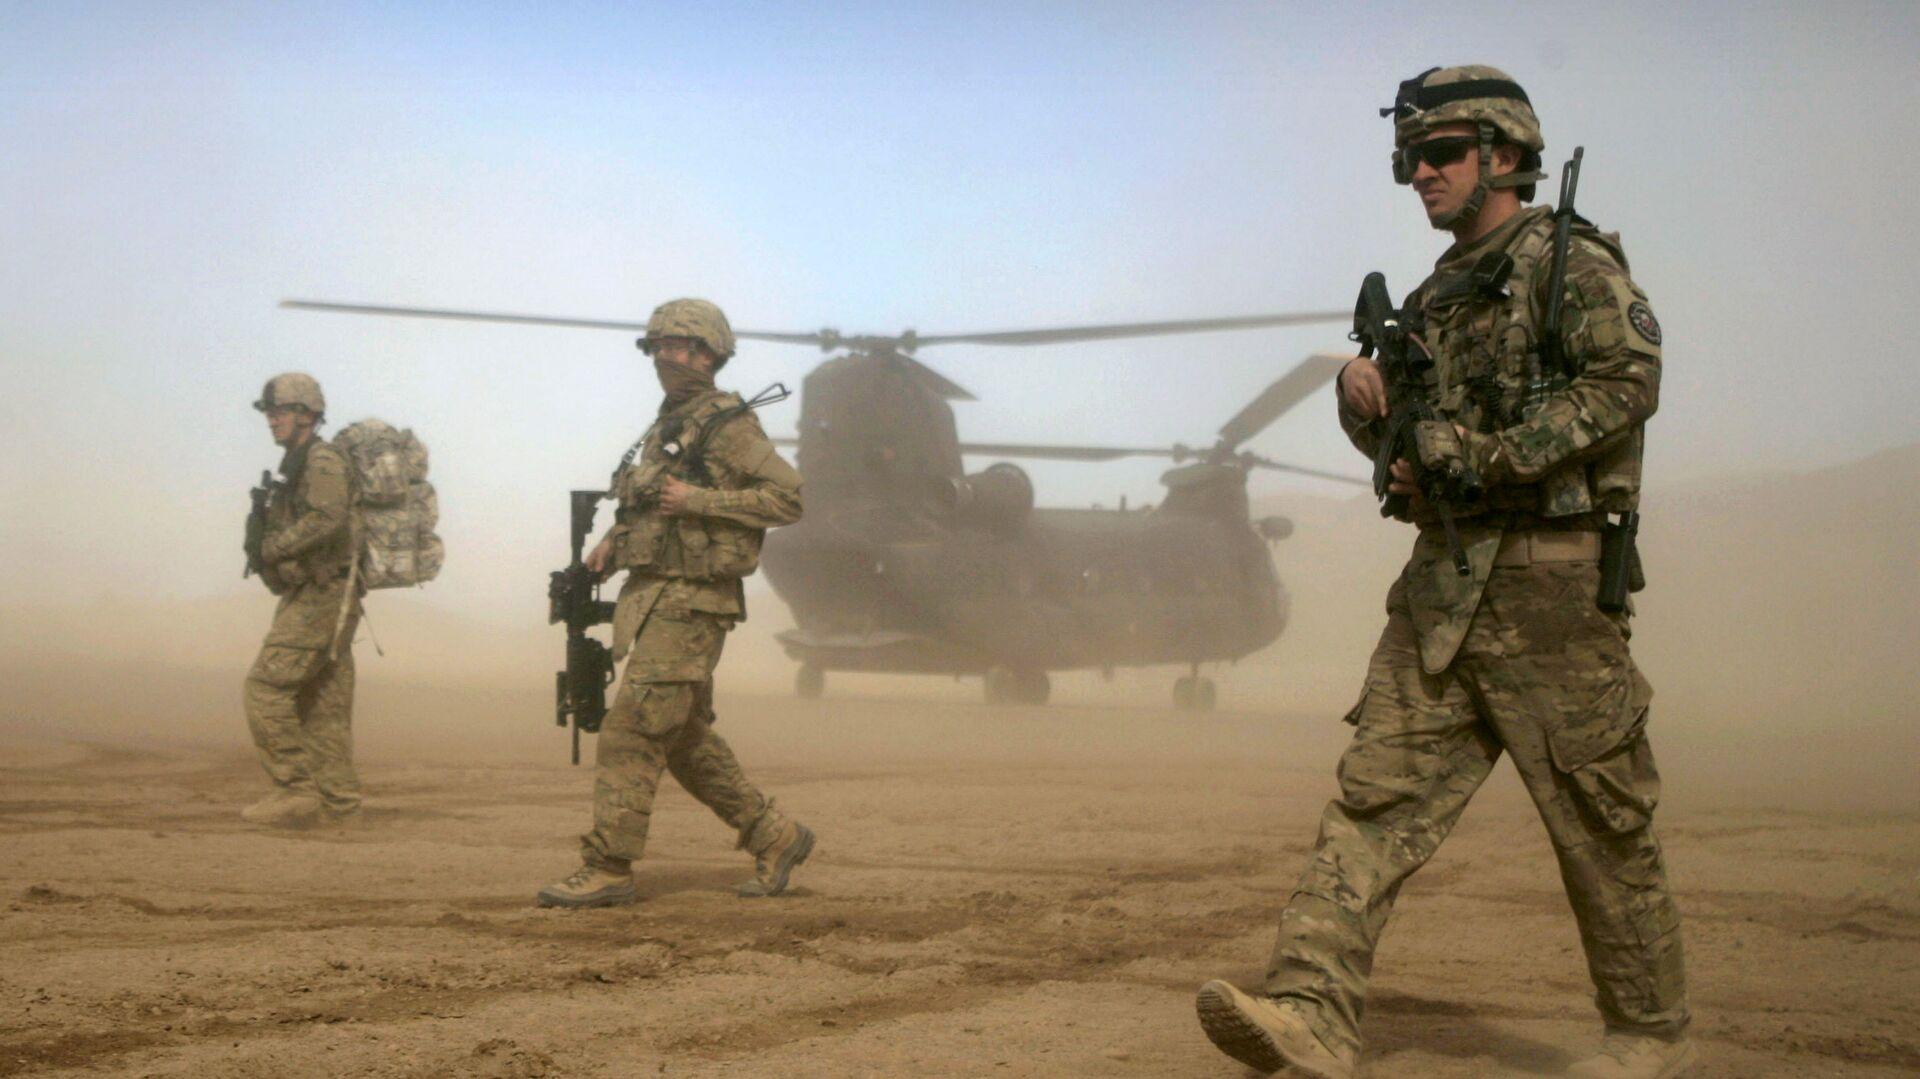 Военнослужащие США в Шинданде, Афганистан - РИА Новости, 1920, 15.01.2021